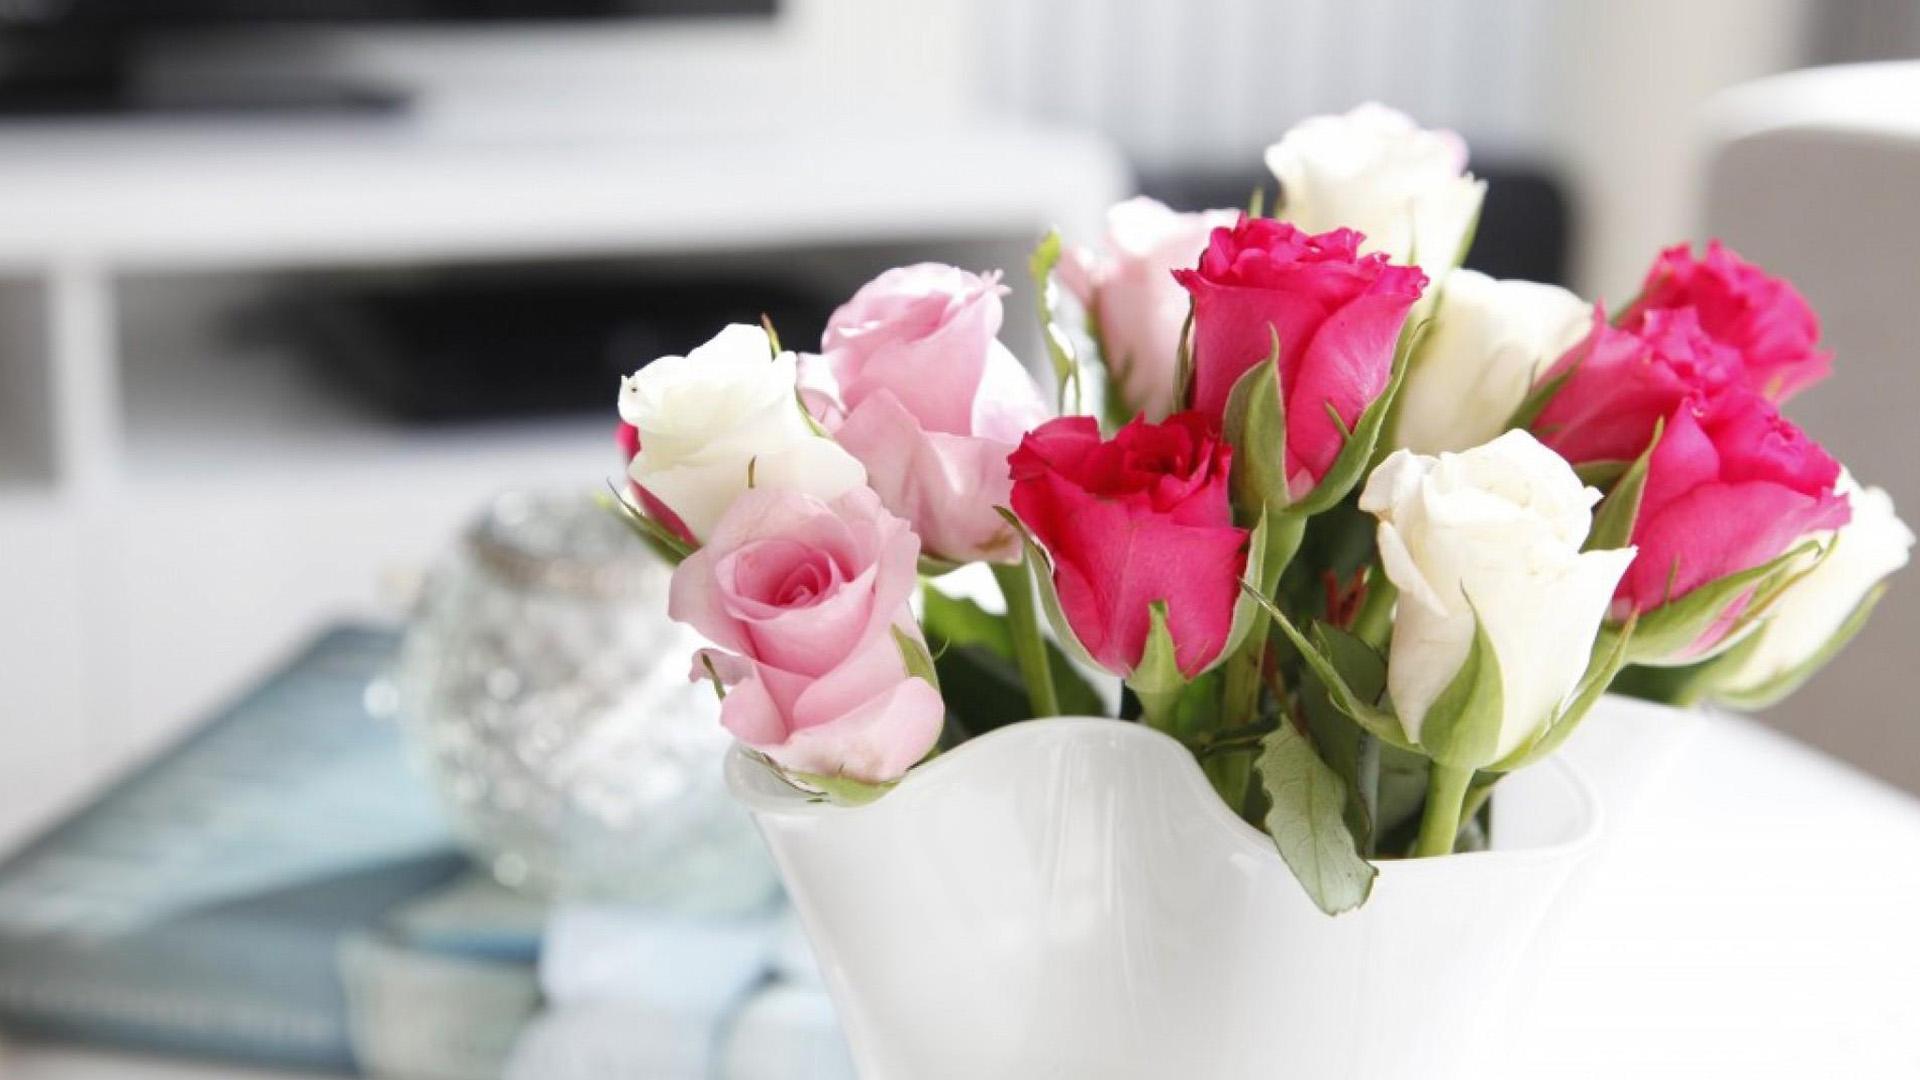 картинки розы букеты большие с добрым утром время